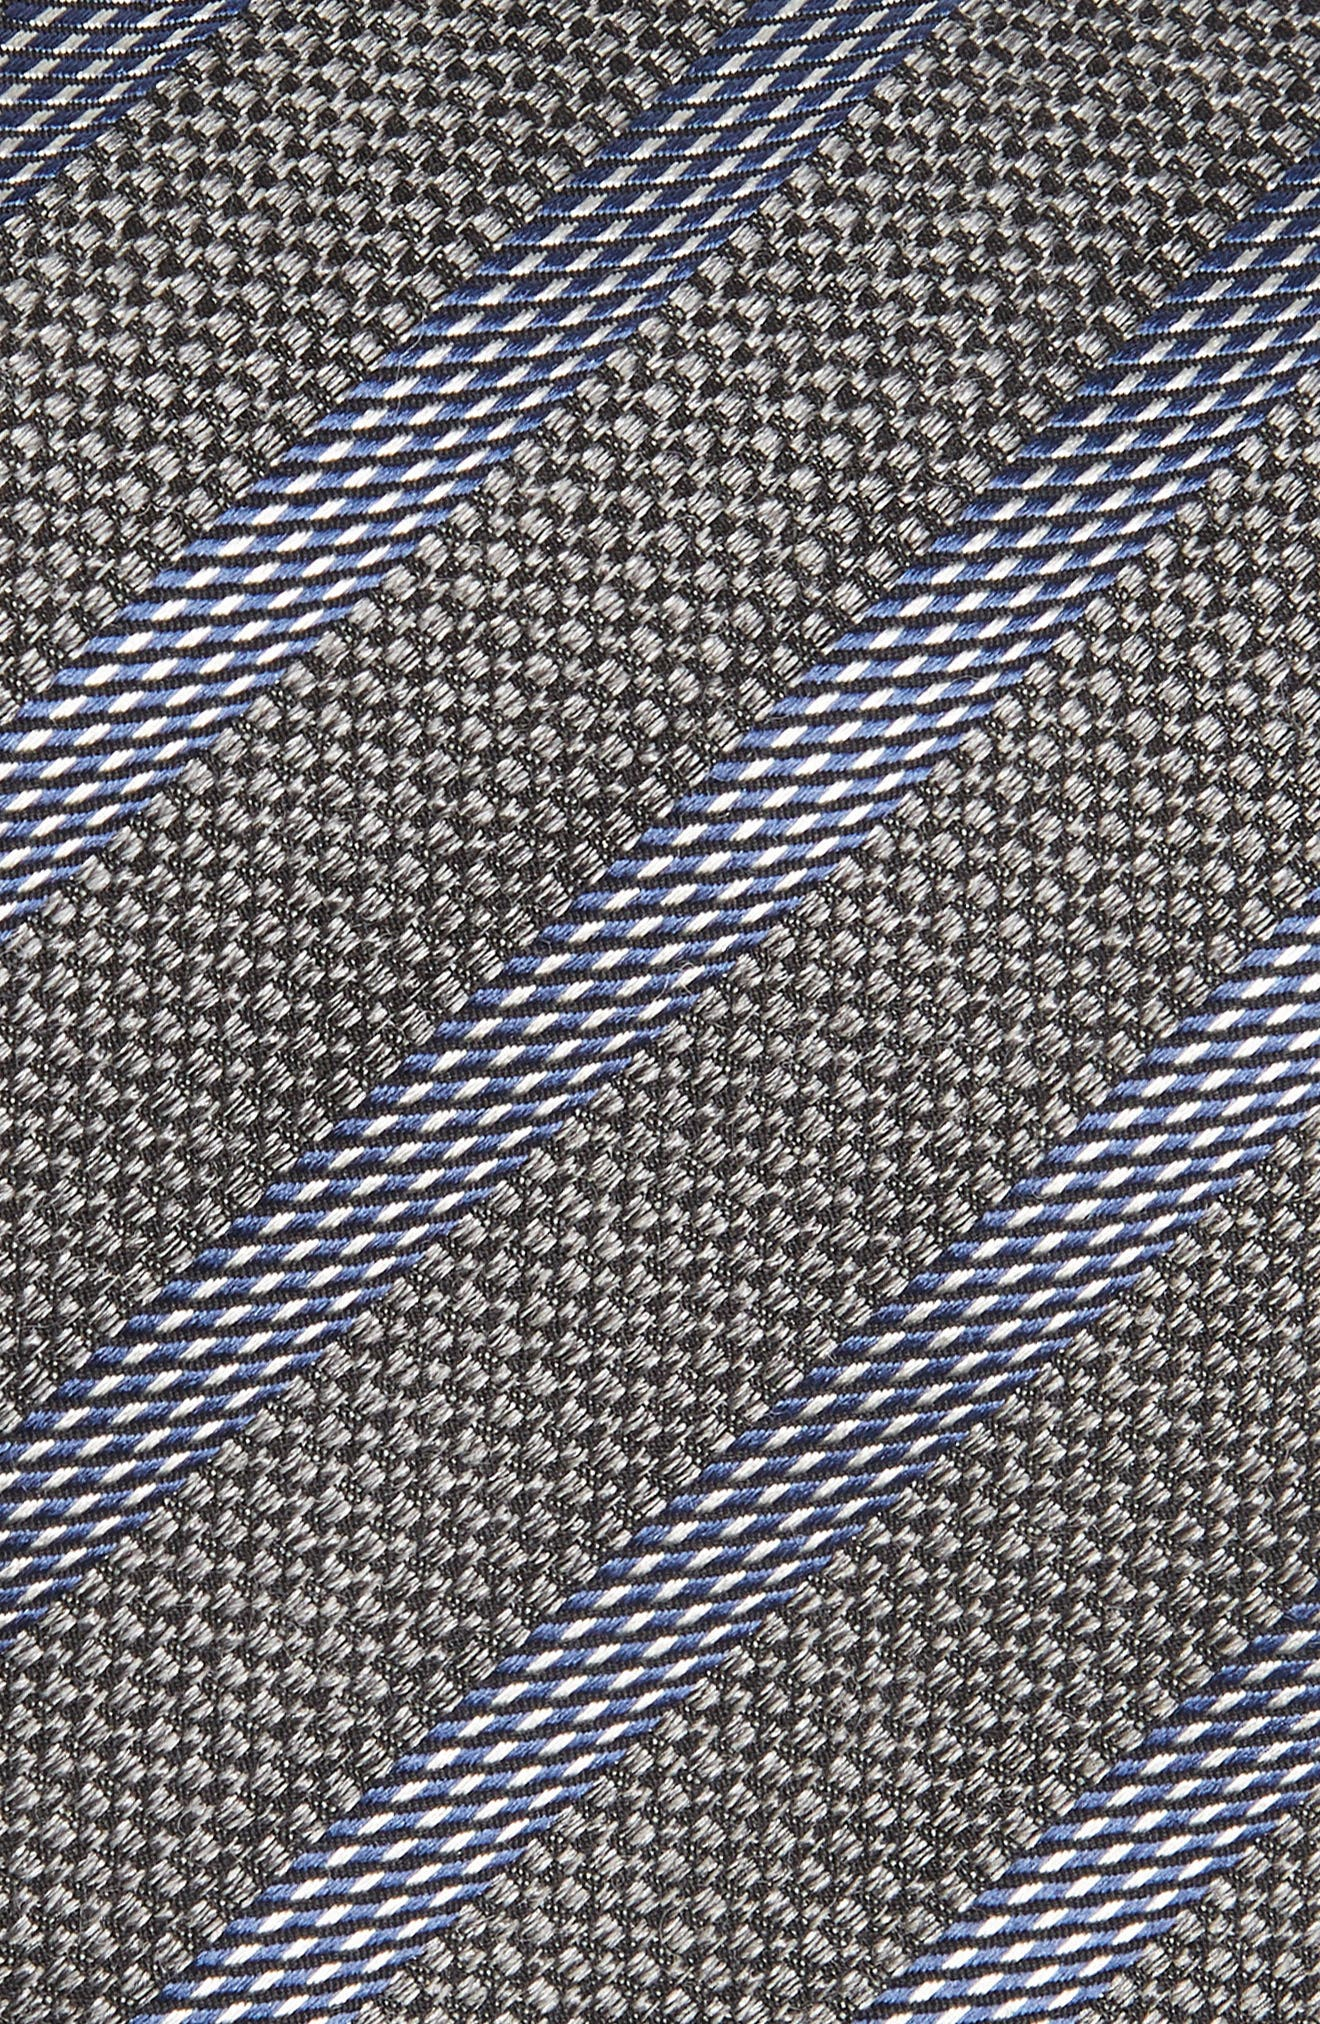 Stripe Cotton Blend Tie,                             Alternate thumbnail 2, color,                             020